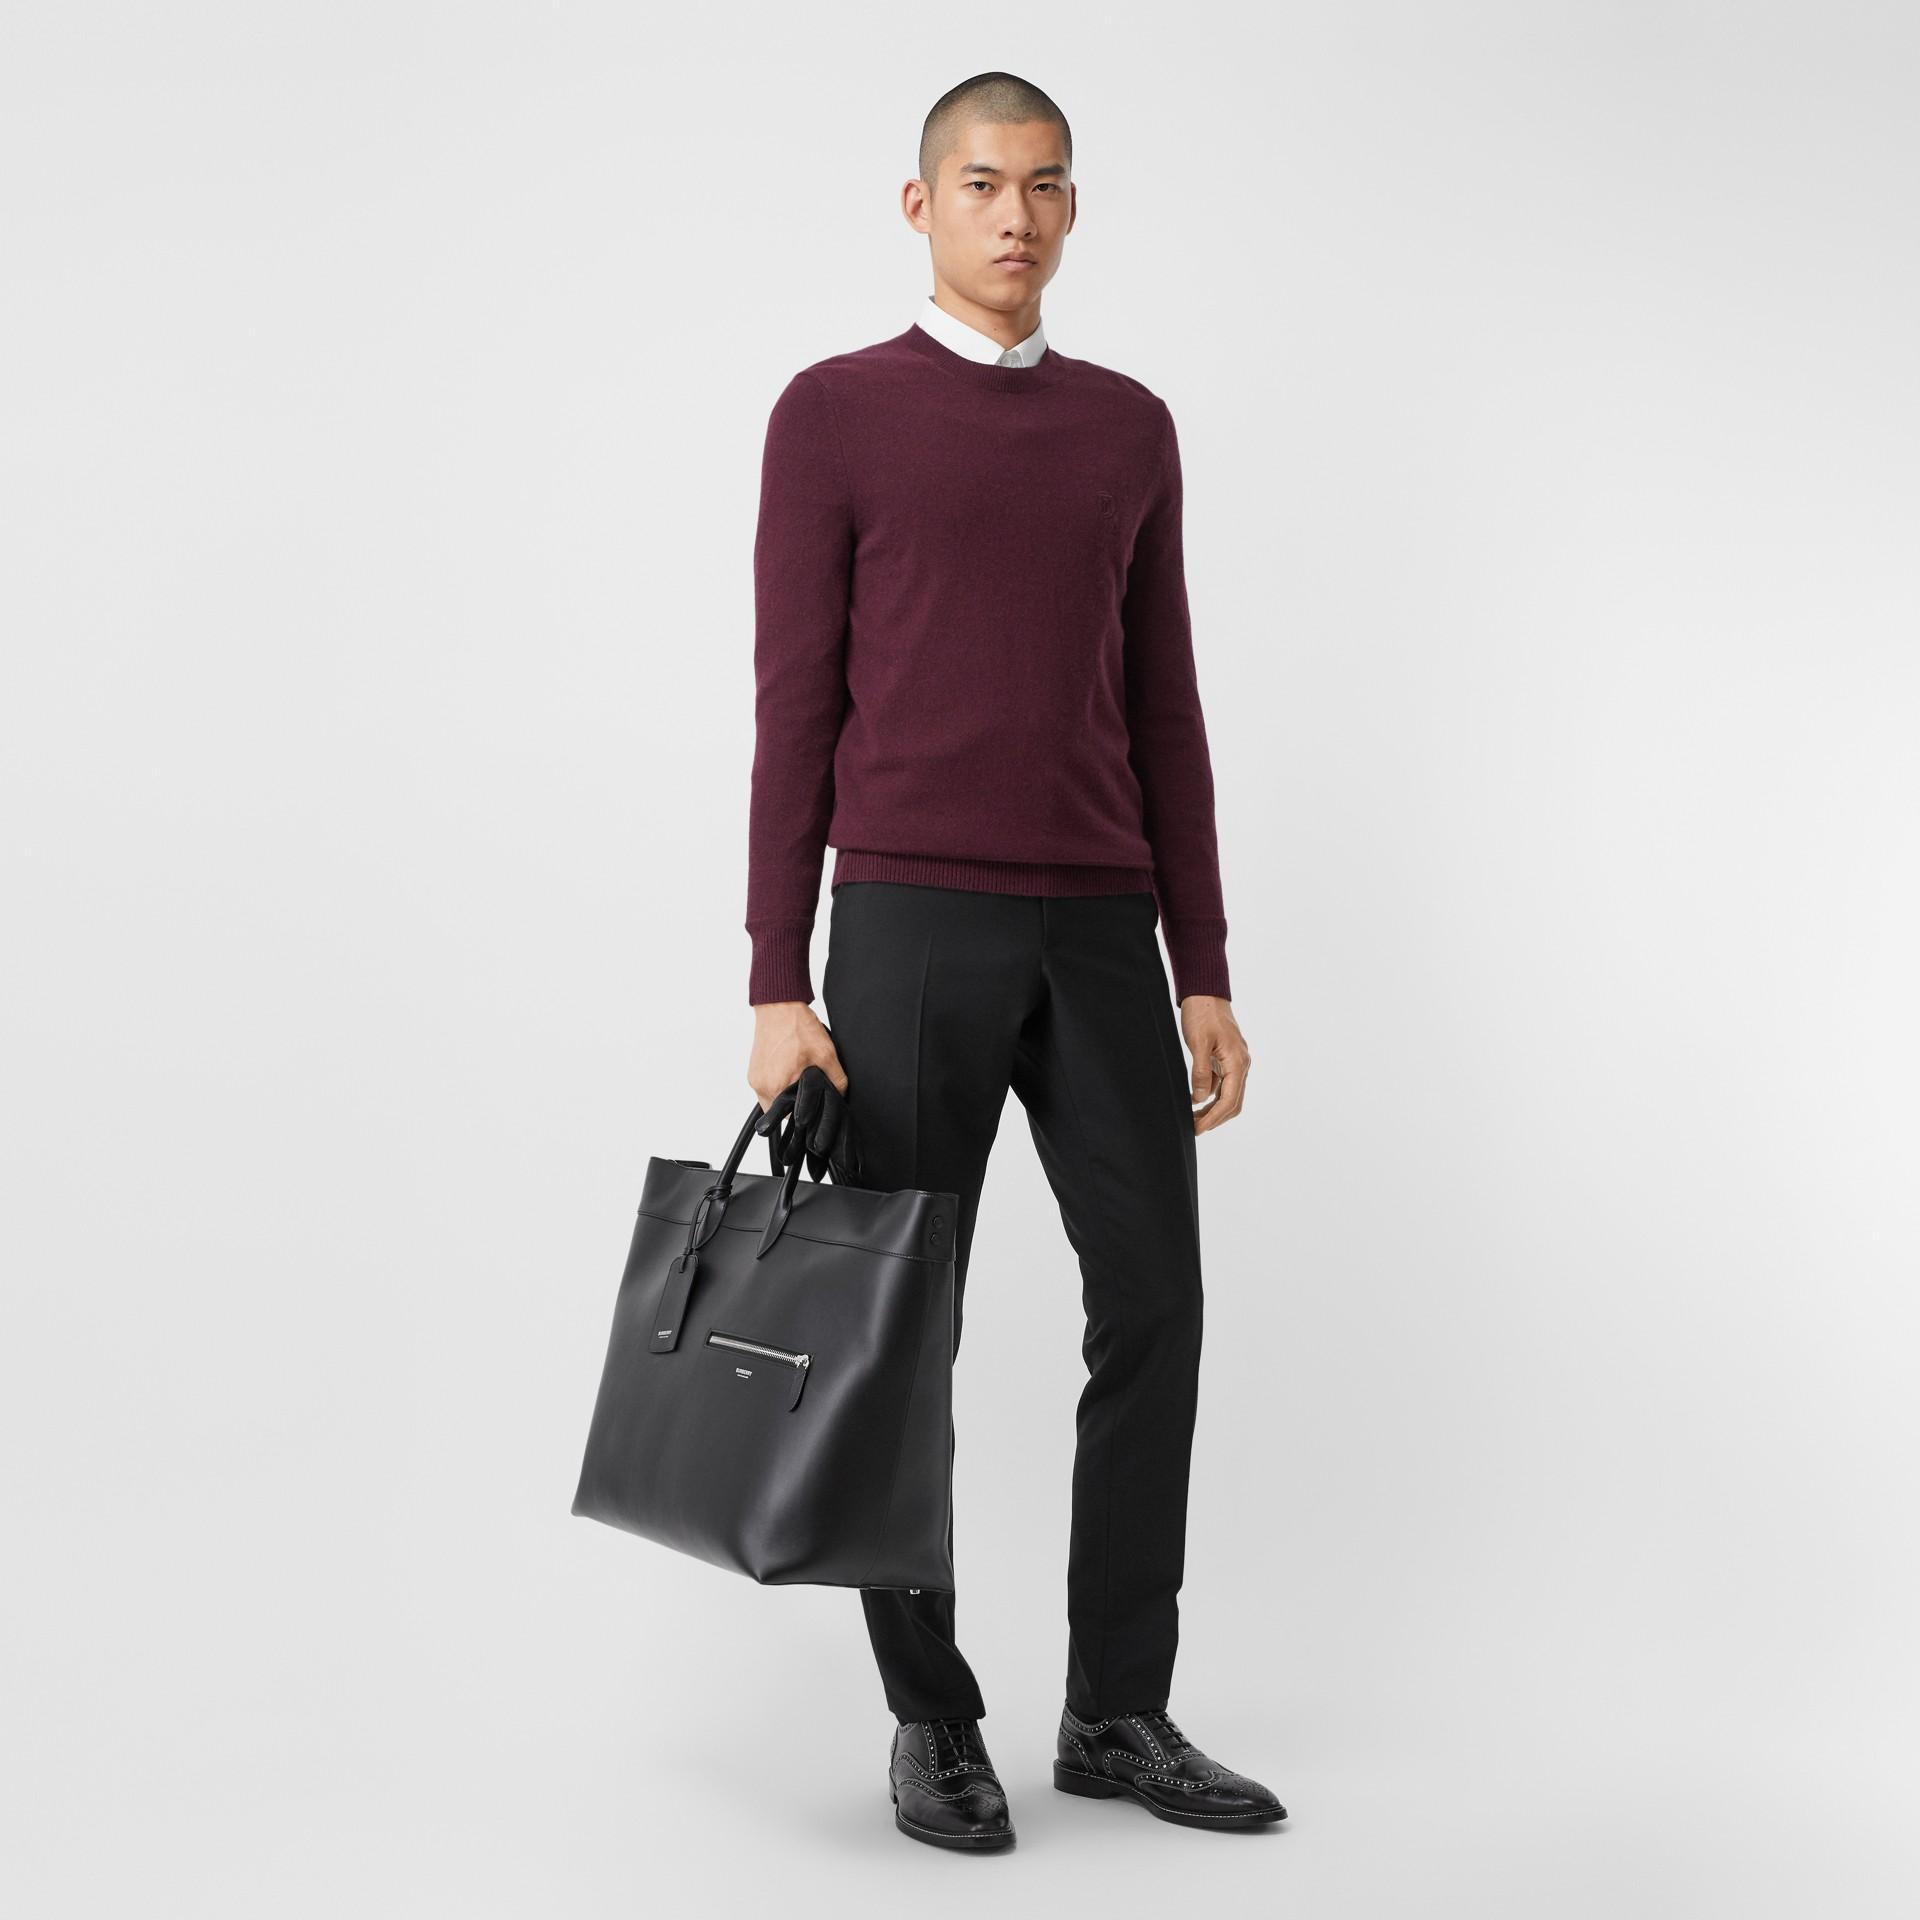 모노그램 모티프 캐시미어 스웨터 (버건디) - 남성 | Burberry - 갤러리 이미지 4